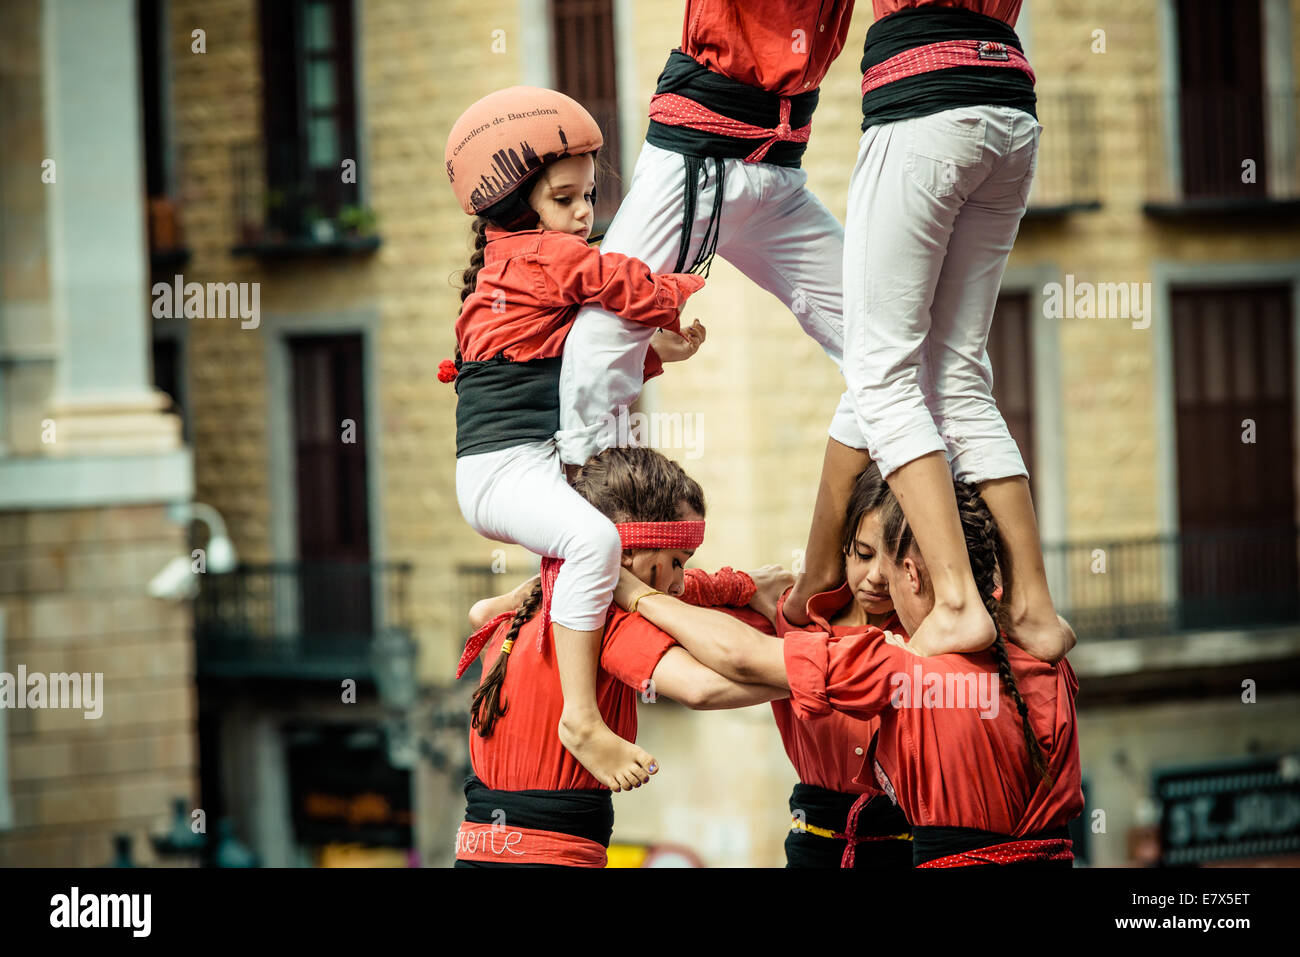 """Barcelone, Espagne. Sep 24, 2014. La """"Castellers de Barcelona"""" construire une tour humaine au cours de la ville festival 'La Merce 2014' en face de l'hôtel de ville de Barcelone: Crédit matthi/Alamy Live News Banque D'Images"""